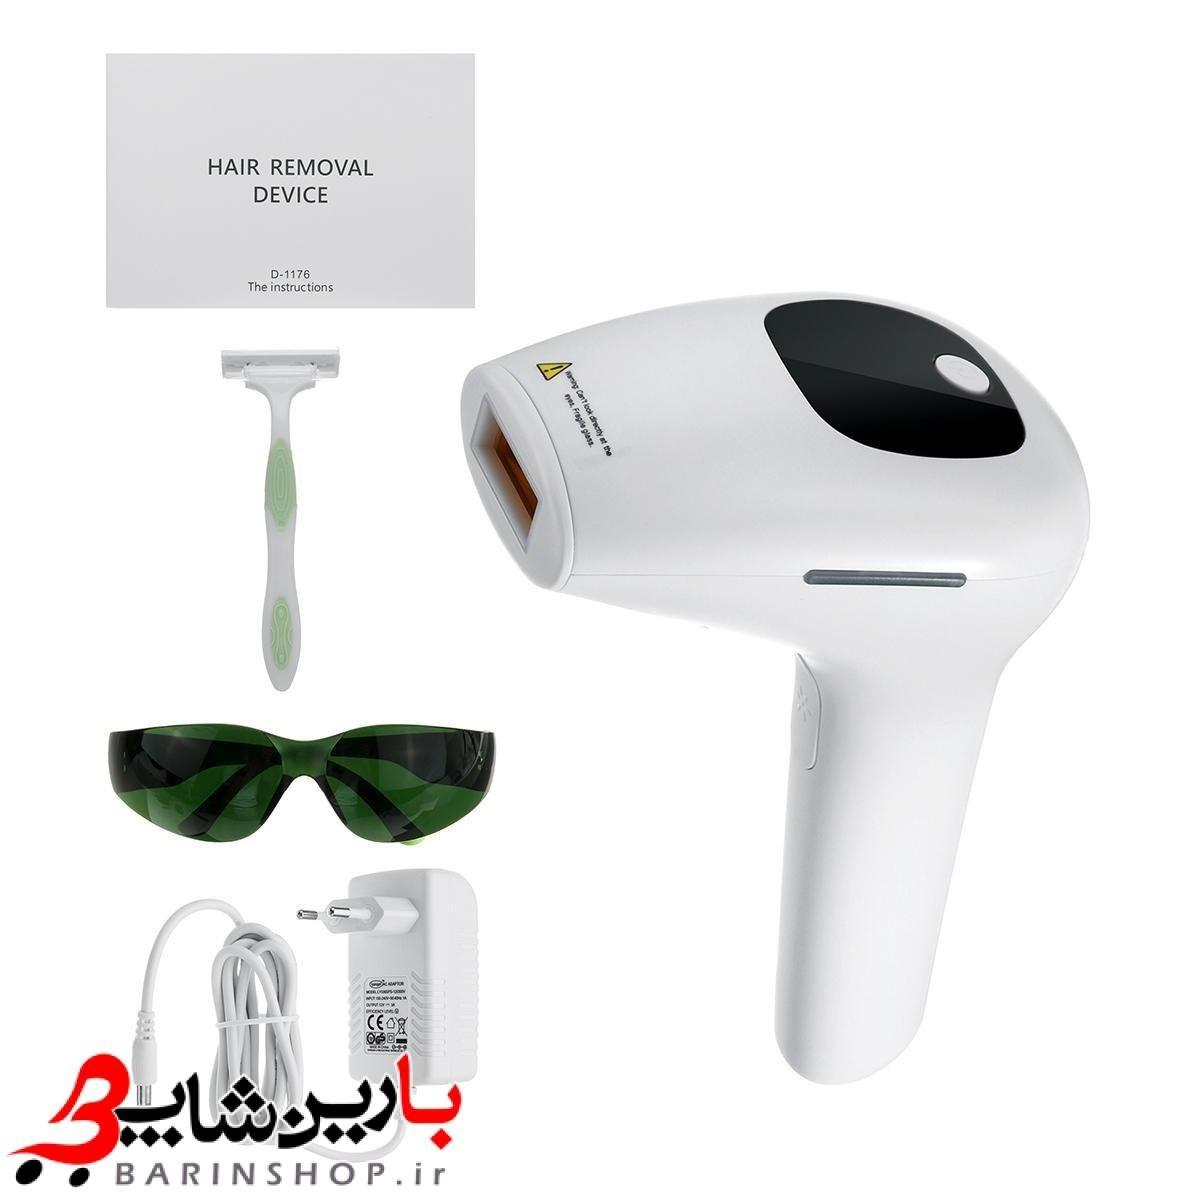 تصویر دستگاه لیزر خانگی حذف موی زائد صورت و بدن Hair Removal Device